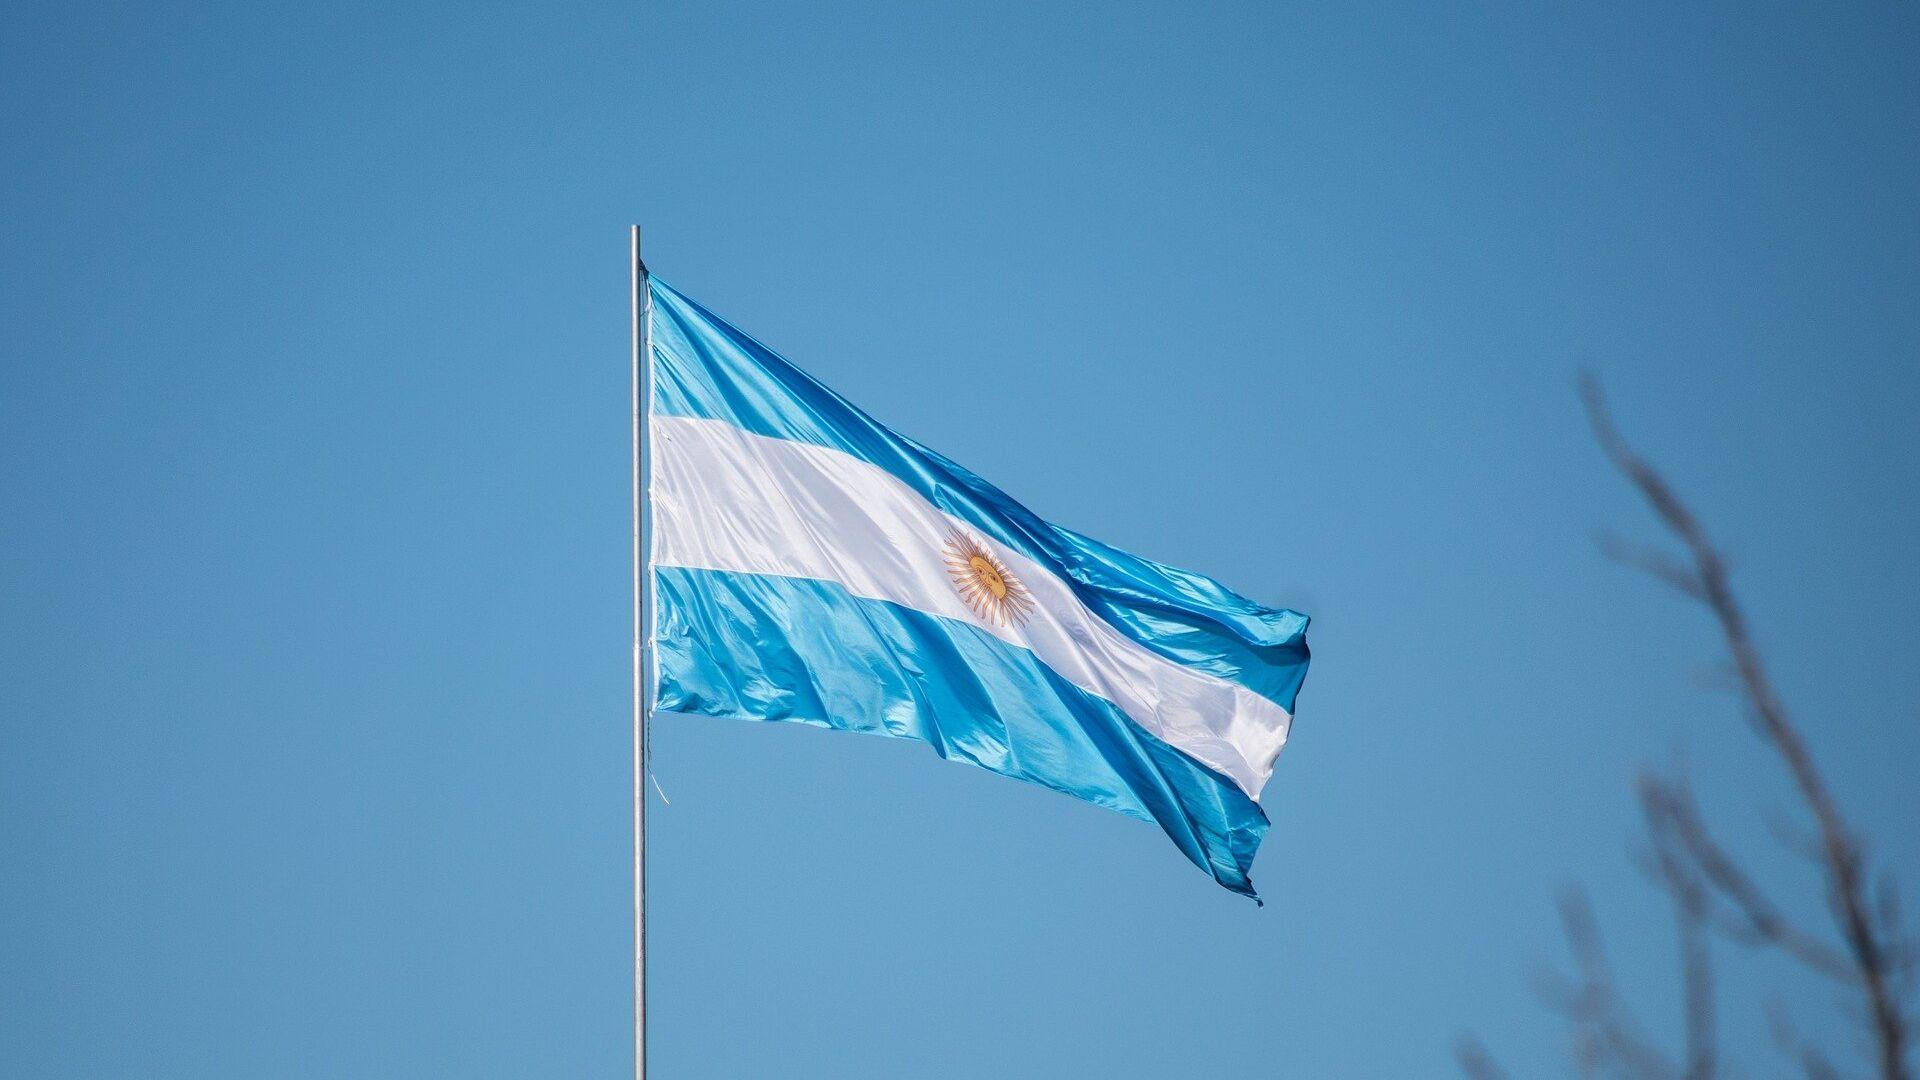 La bandera de Argentina - Sputnik Mundo, 1920, 22.02.2021